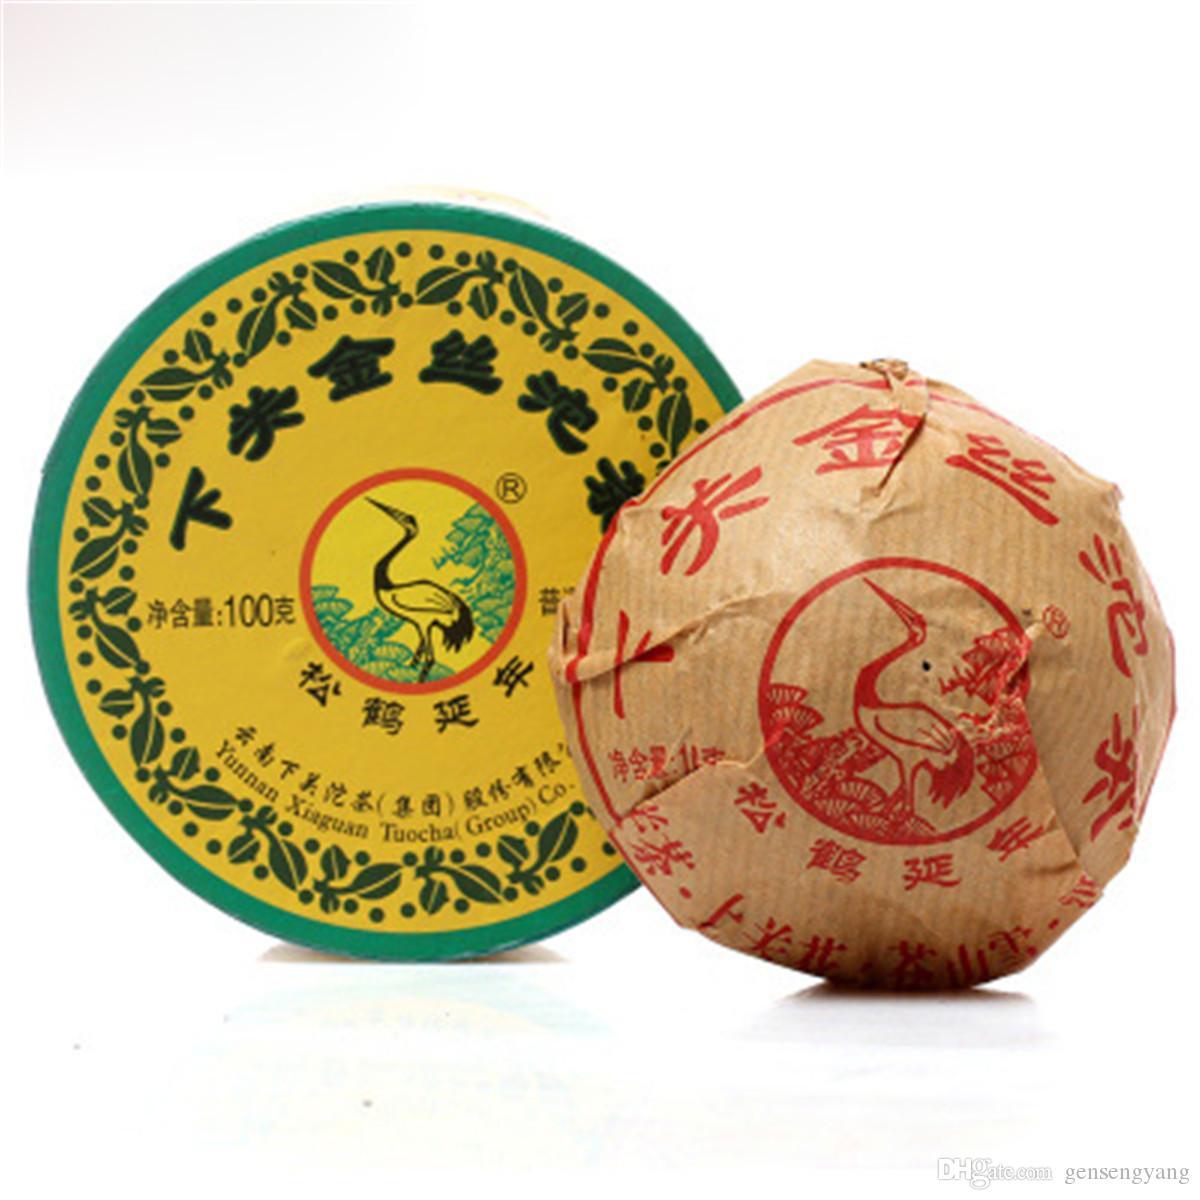 100g Raw Puer chá Yunnan Xiaguan seda dourada Puer chá Pu'er Organic mais velho Árvore Verde Puer Natural Puerh Tea Cake Factory Vendas Diretas